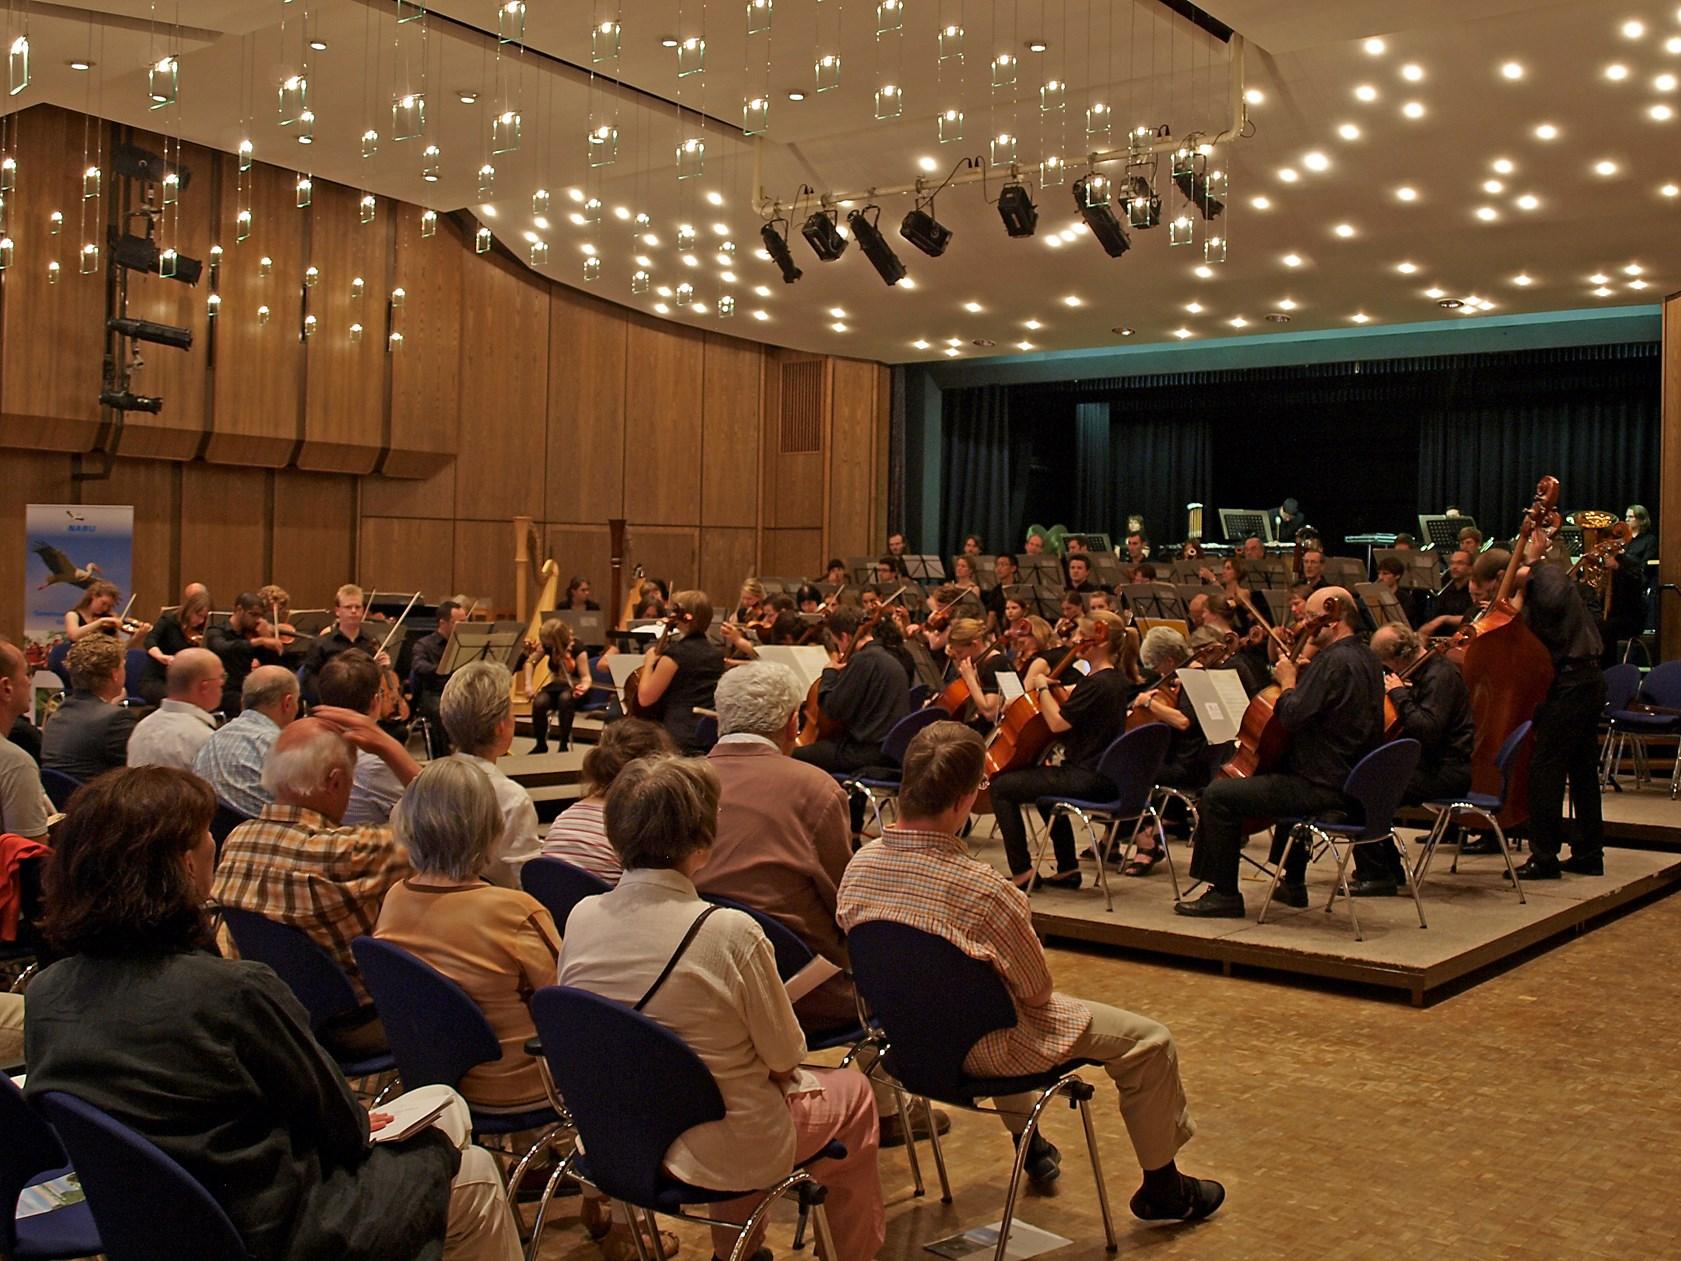 Das Benefiz-Konzert zu Gnsten der Auenlandschaft im Brückentorsaal. - Foto: Kathy Büscher